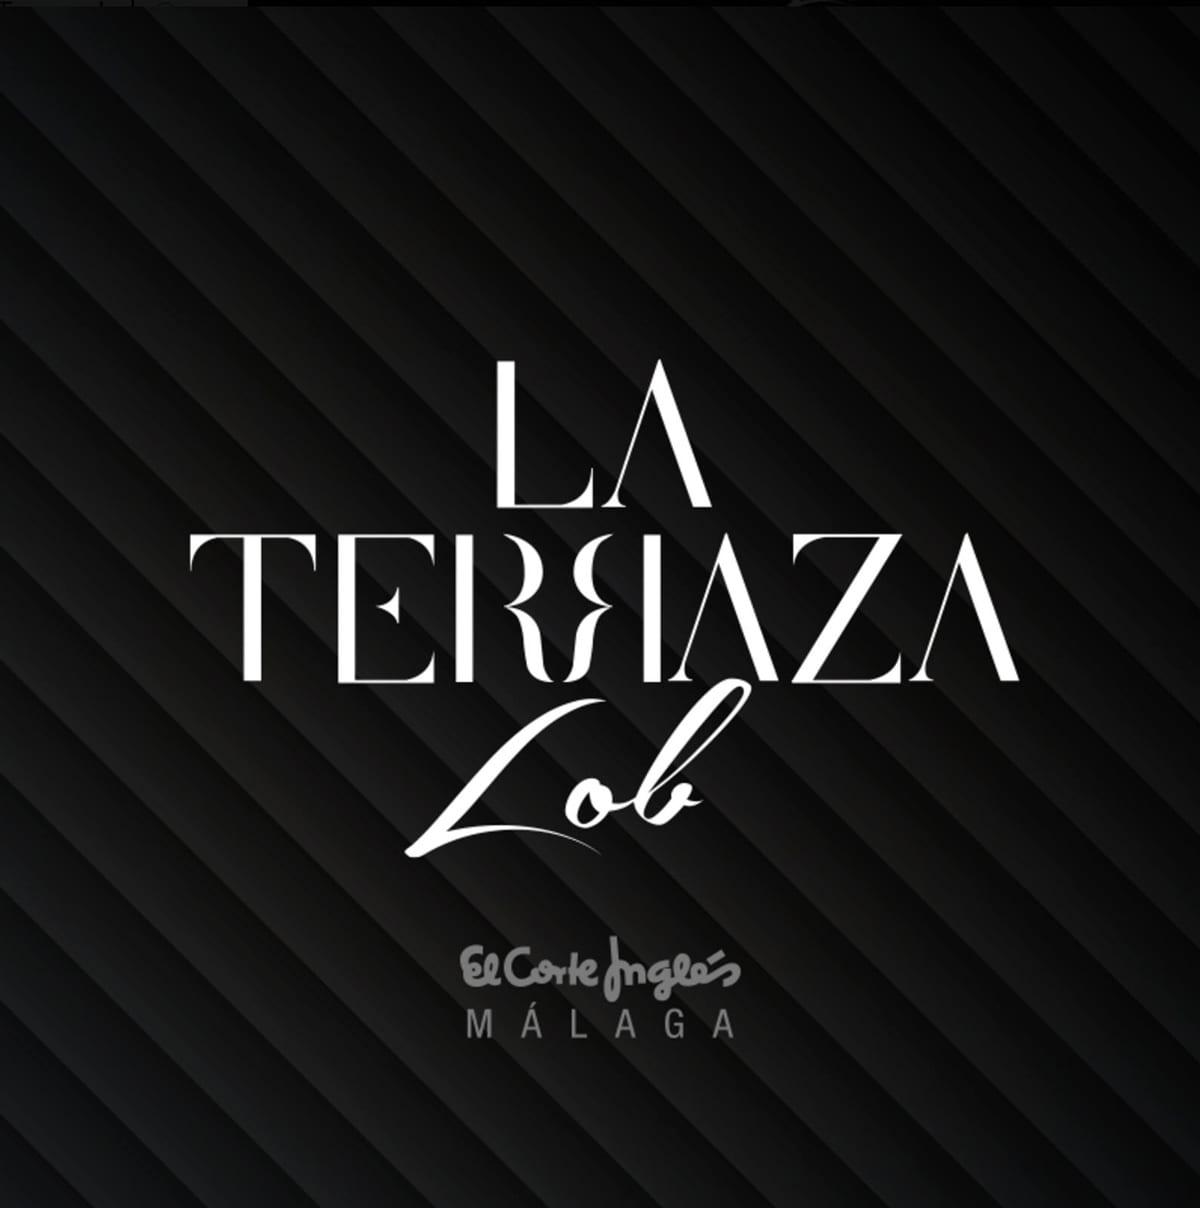 La terraza lob, El corte inglés. Diseño de imagen para bar de copas en Málaga